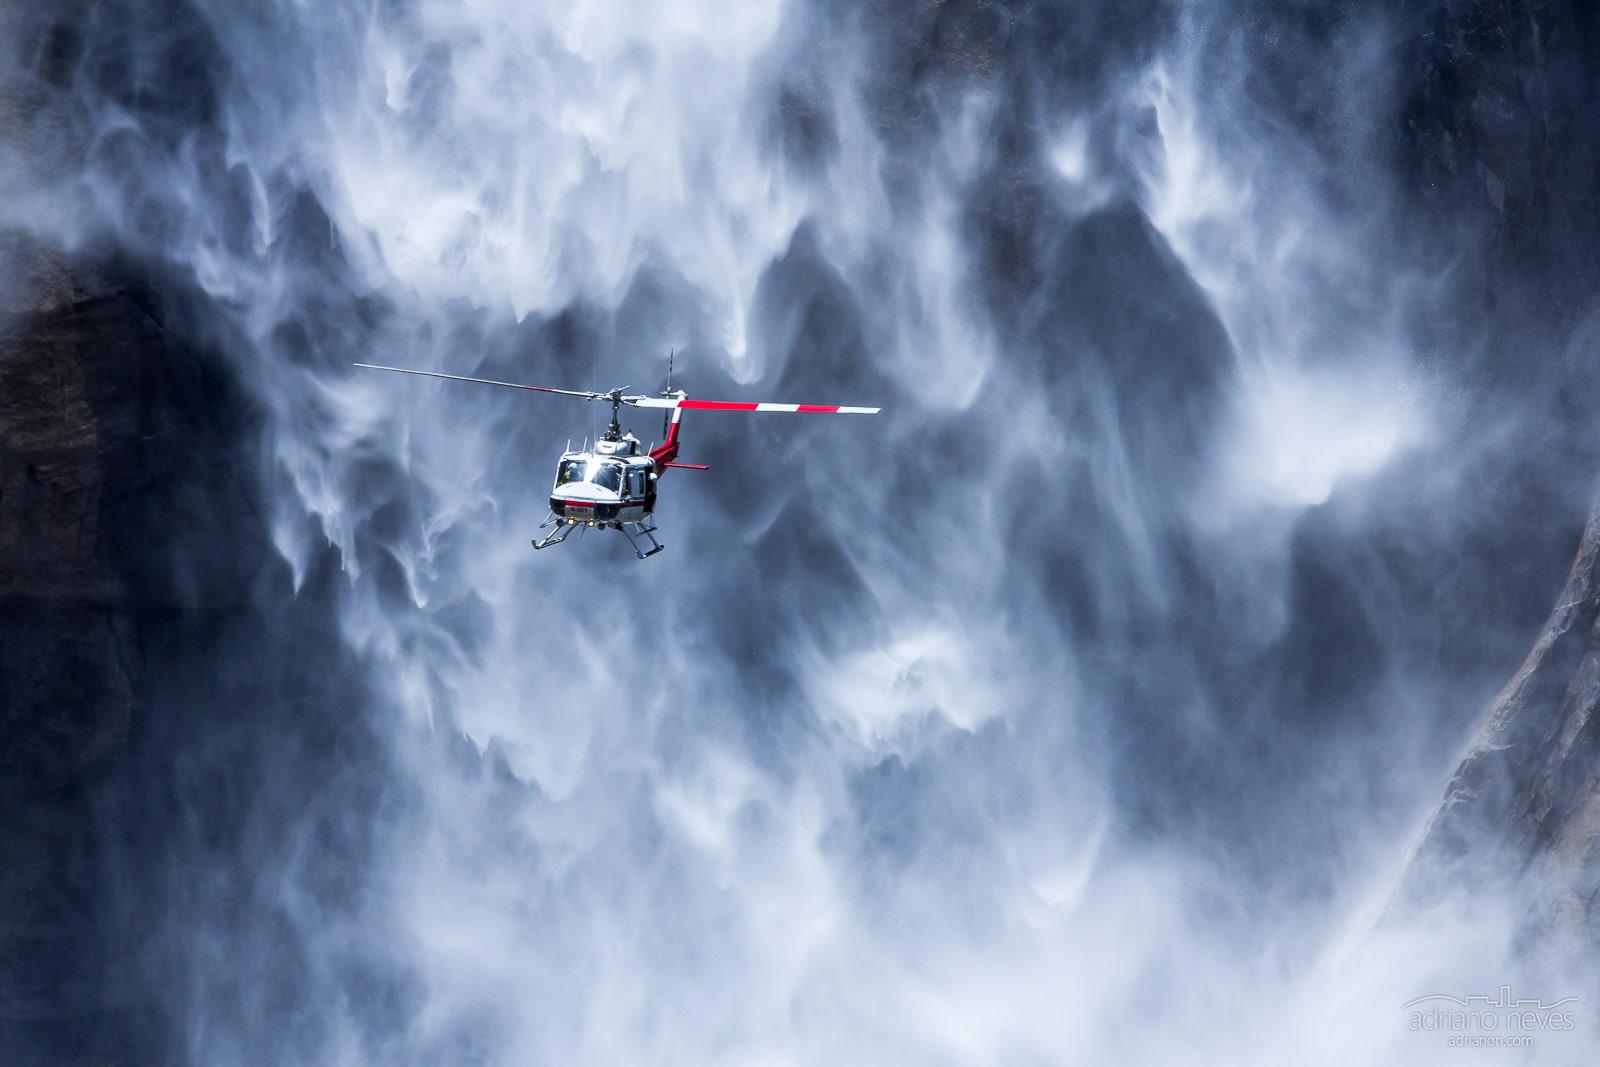 Helicóptero em frente a queda de água, no parque Yosemite, Califórnia, Estados Unidos - © Adriano Neves